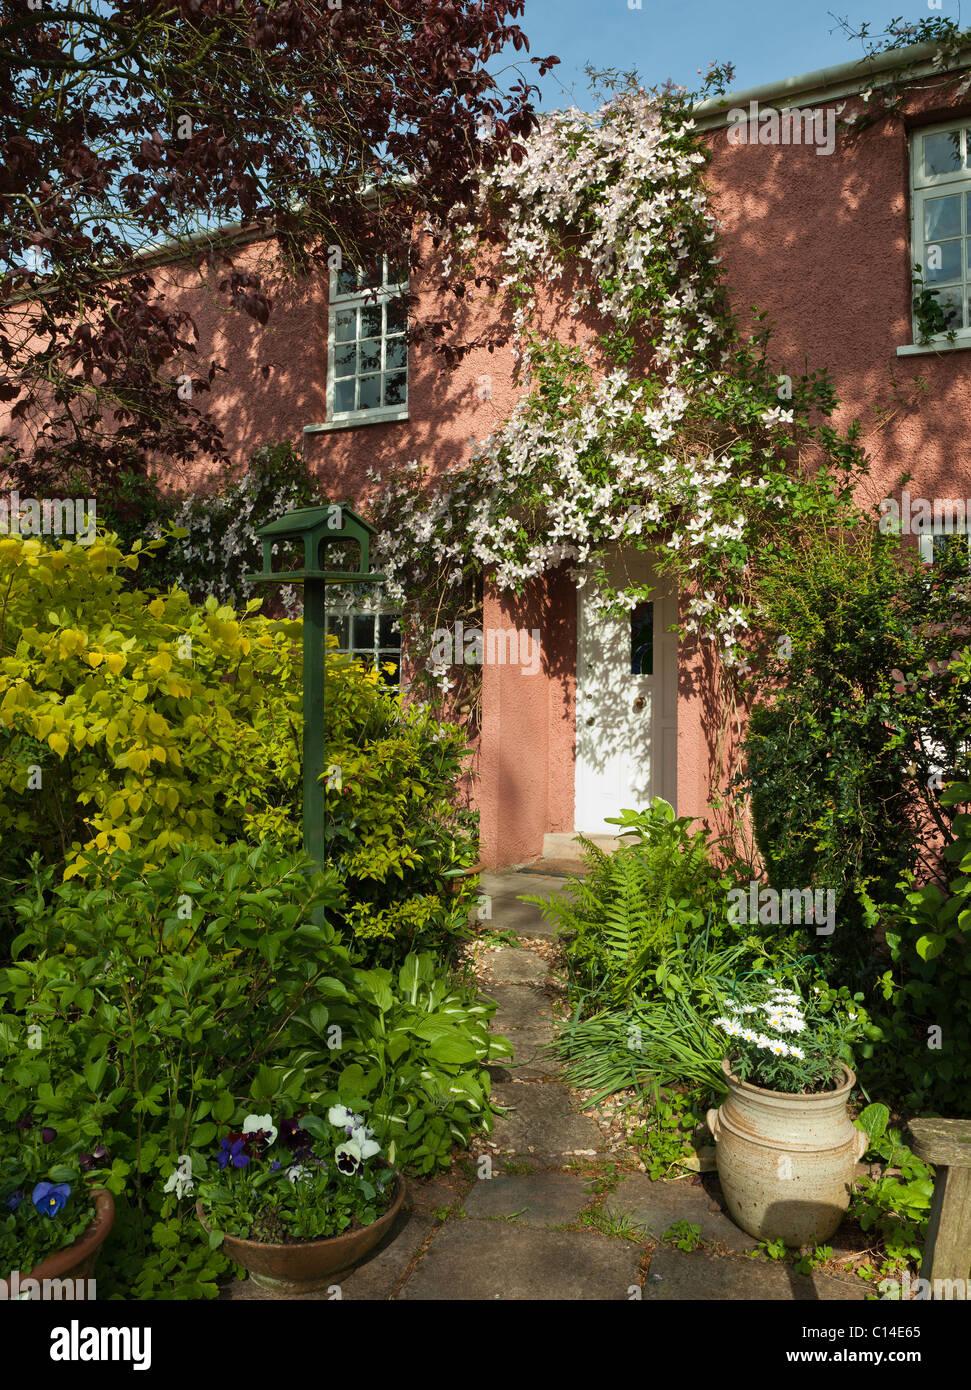 CLEMATIS MONTANA RUBENS OVER COTTAGE DOOR SUMMER ENGLAND UK - Stock Image